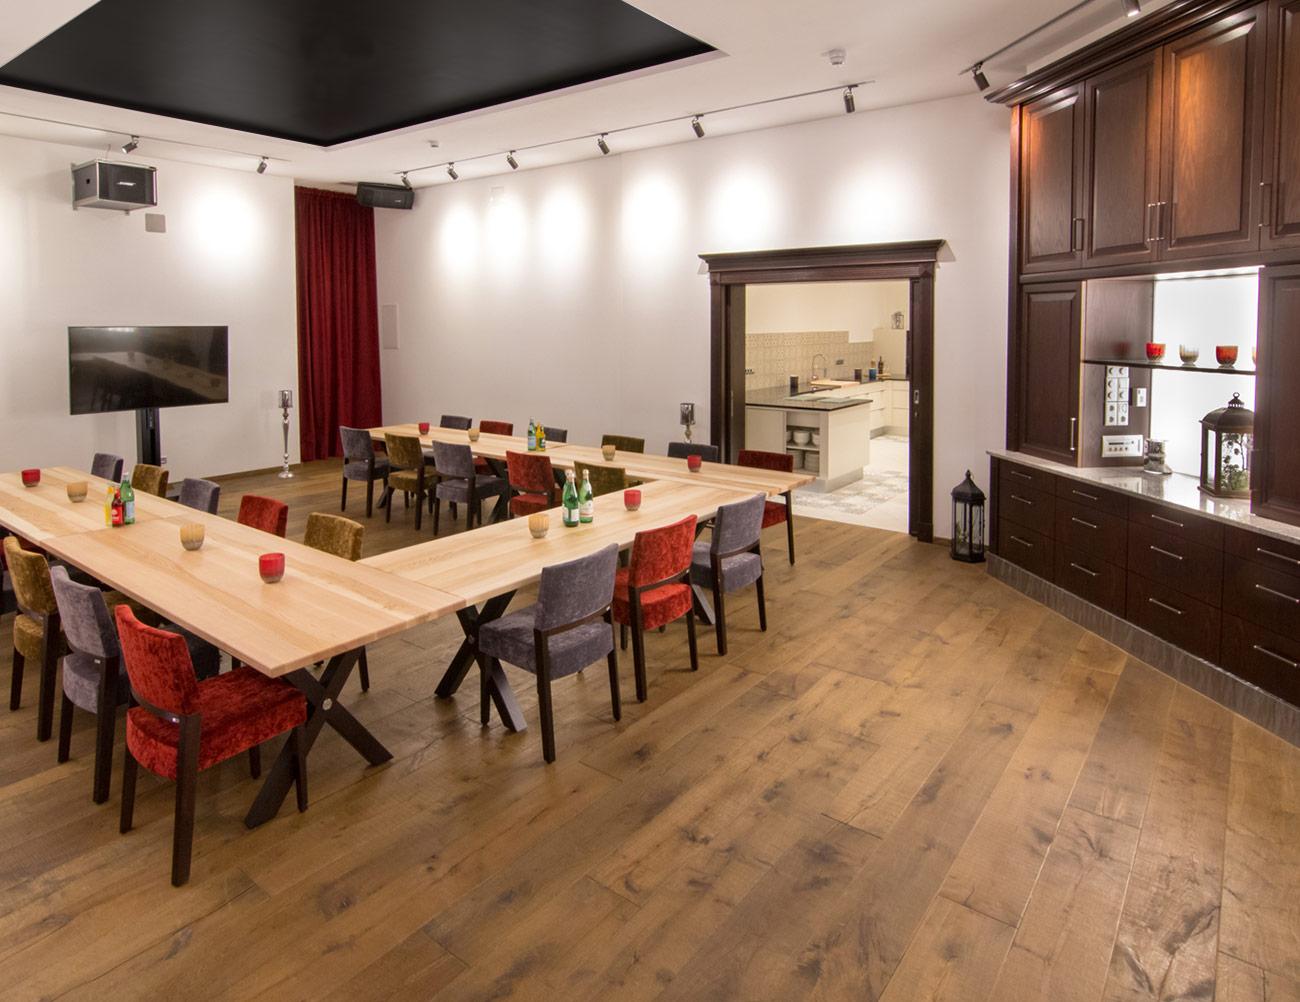 feiern & tagen - kontorhaus gastronomie gmbh